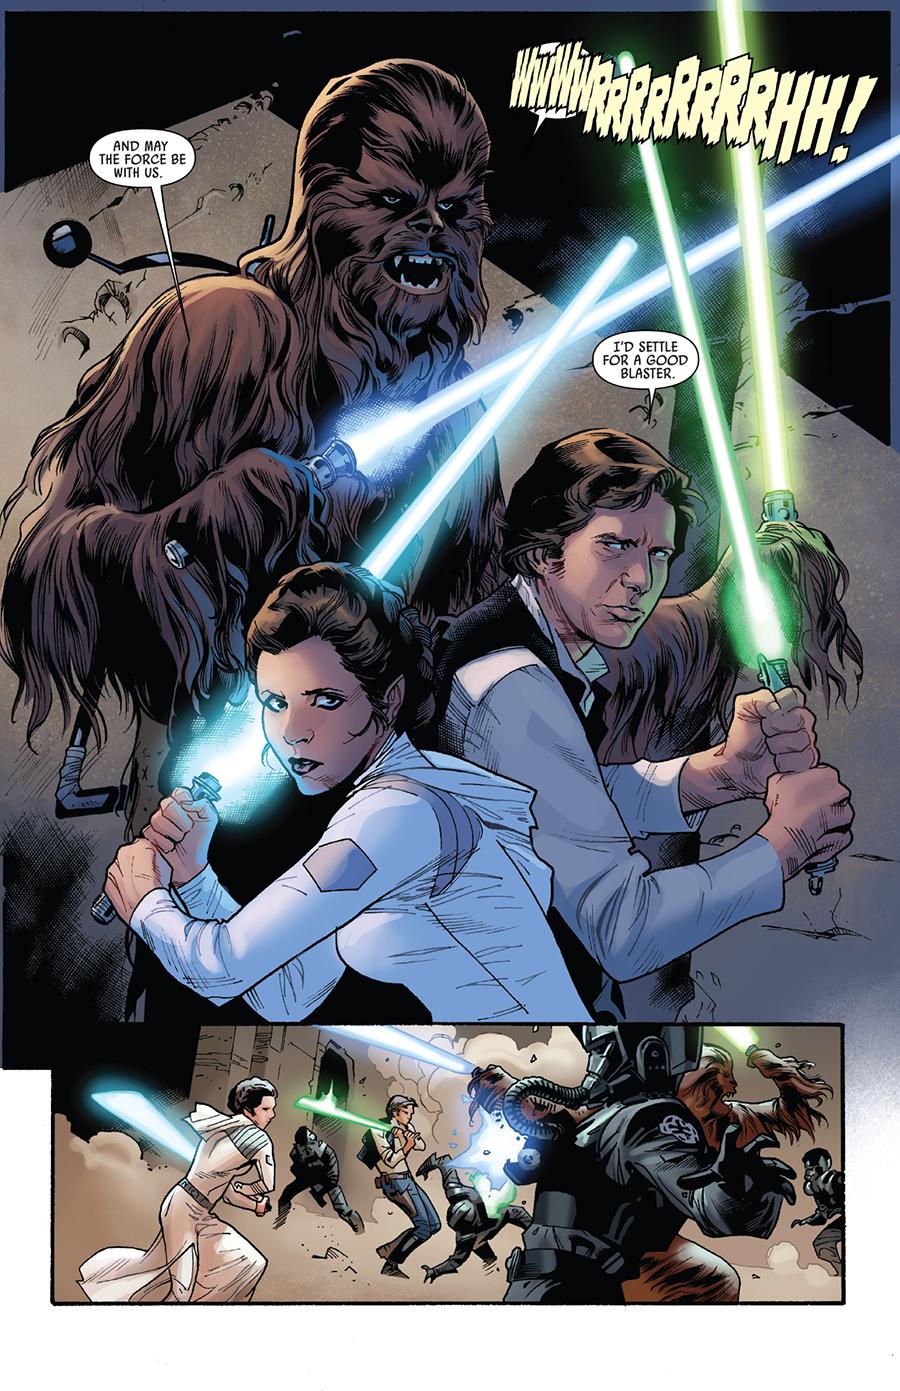 Neue Star Wars Comics - Seite 2 Star-wars-12-sabers